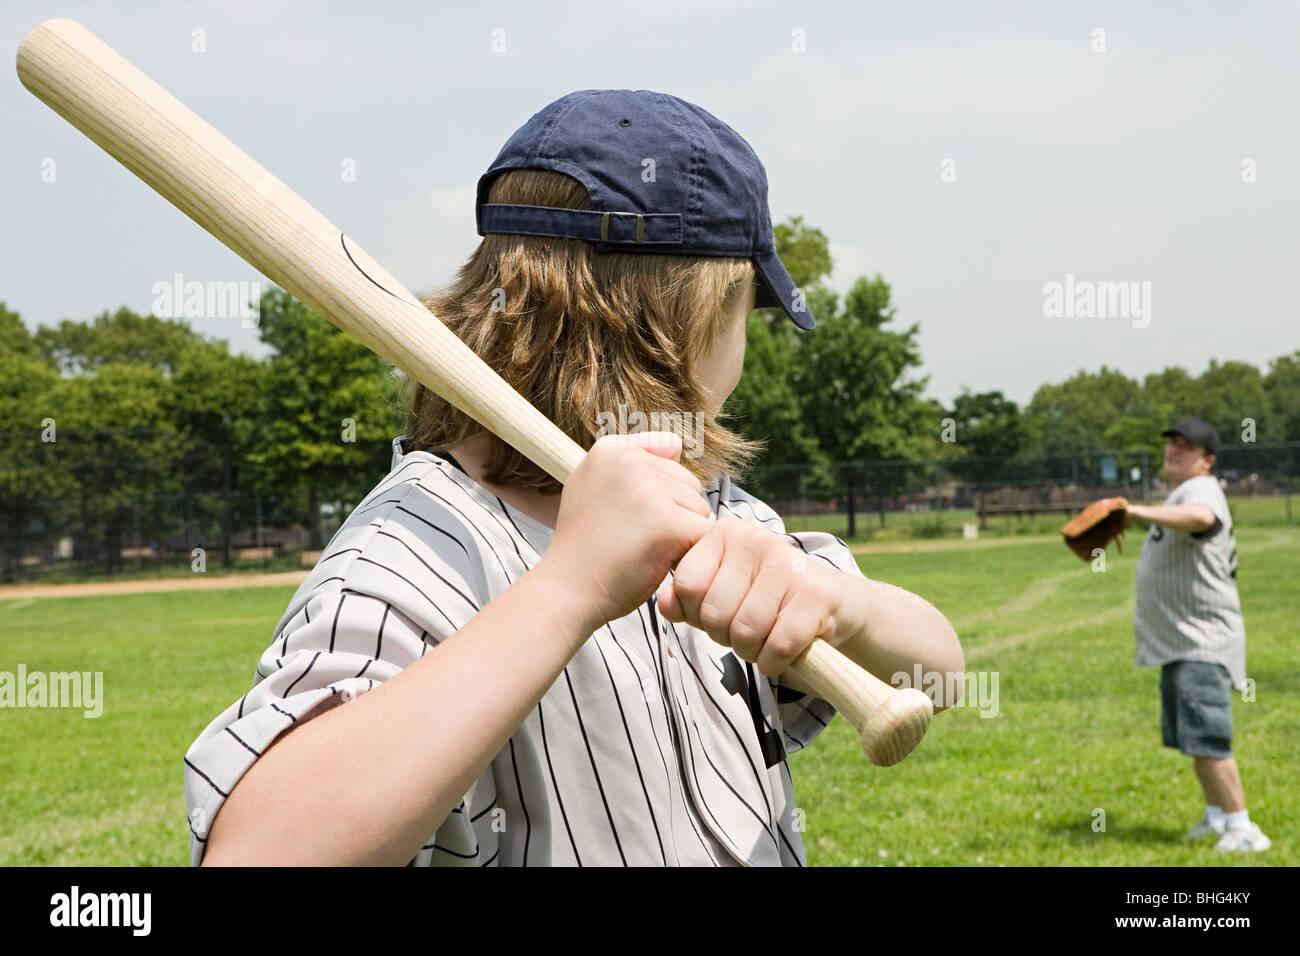 Père et fils jouent au base-ball Photo Stock